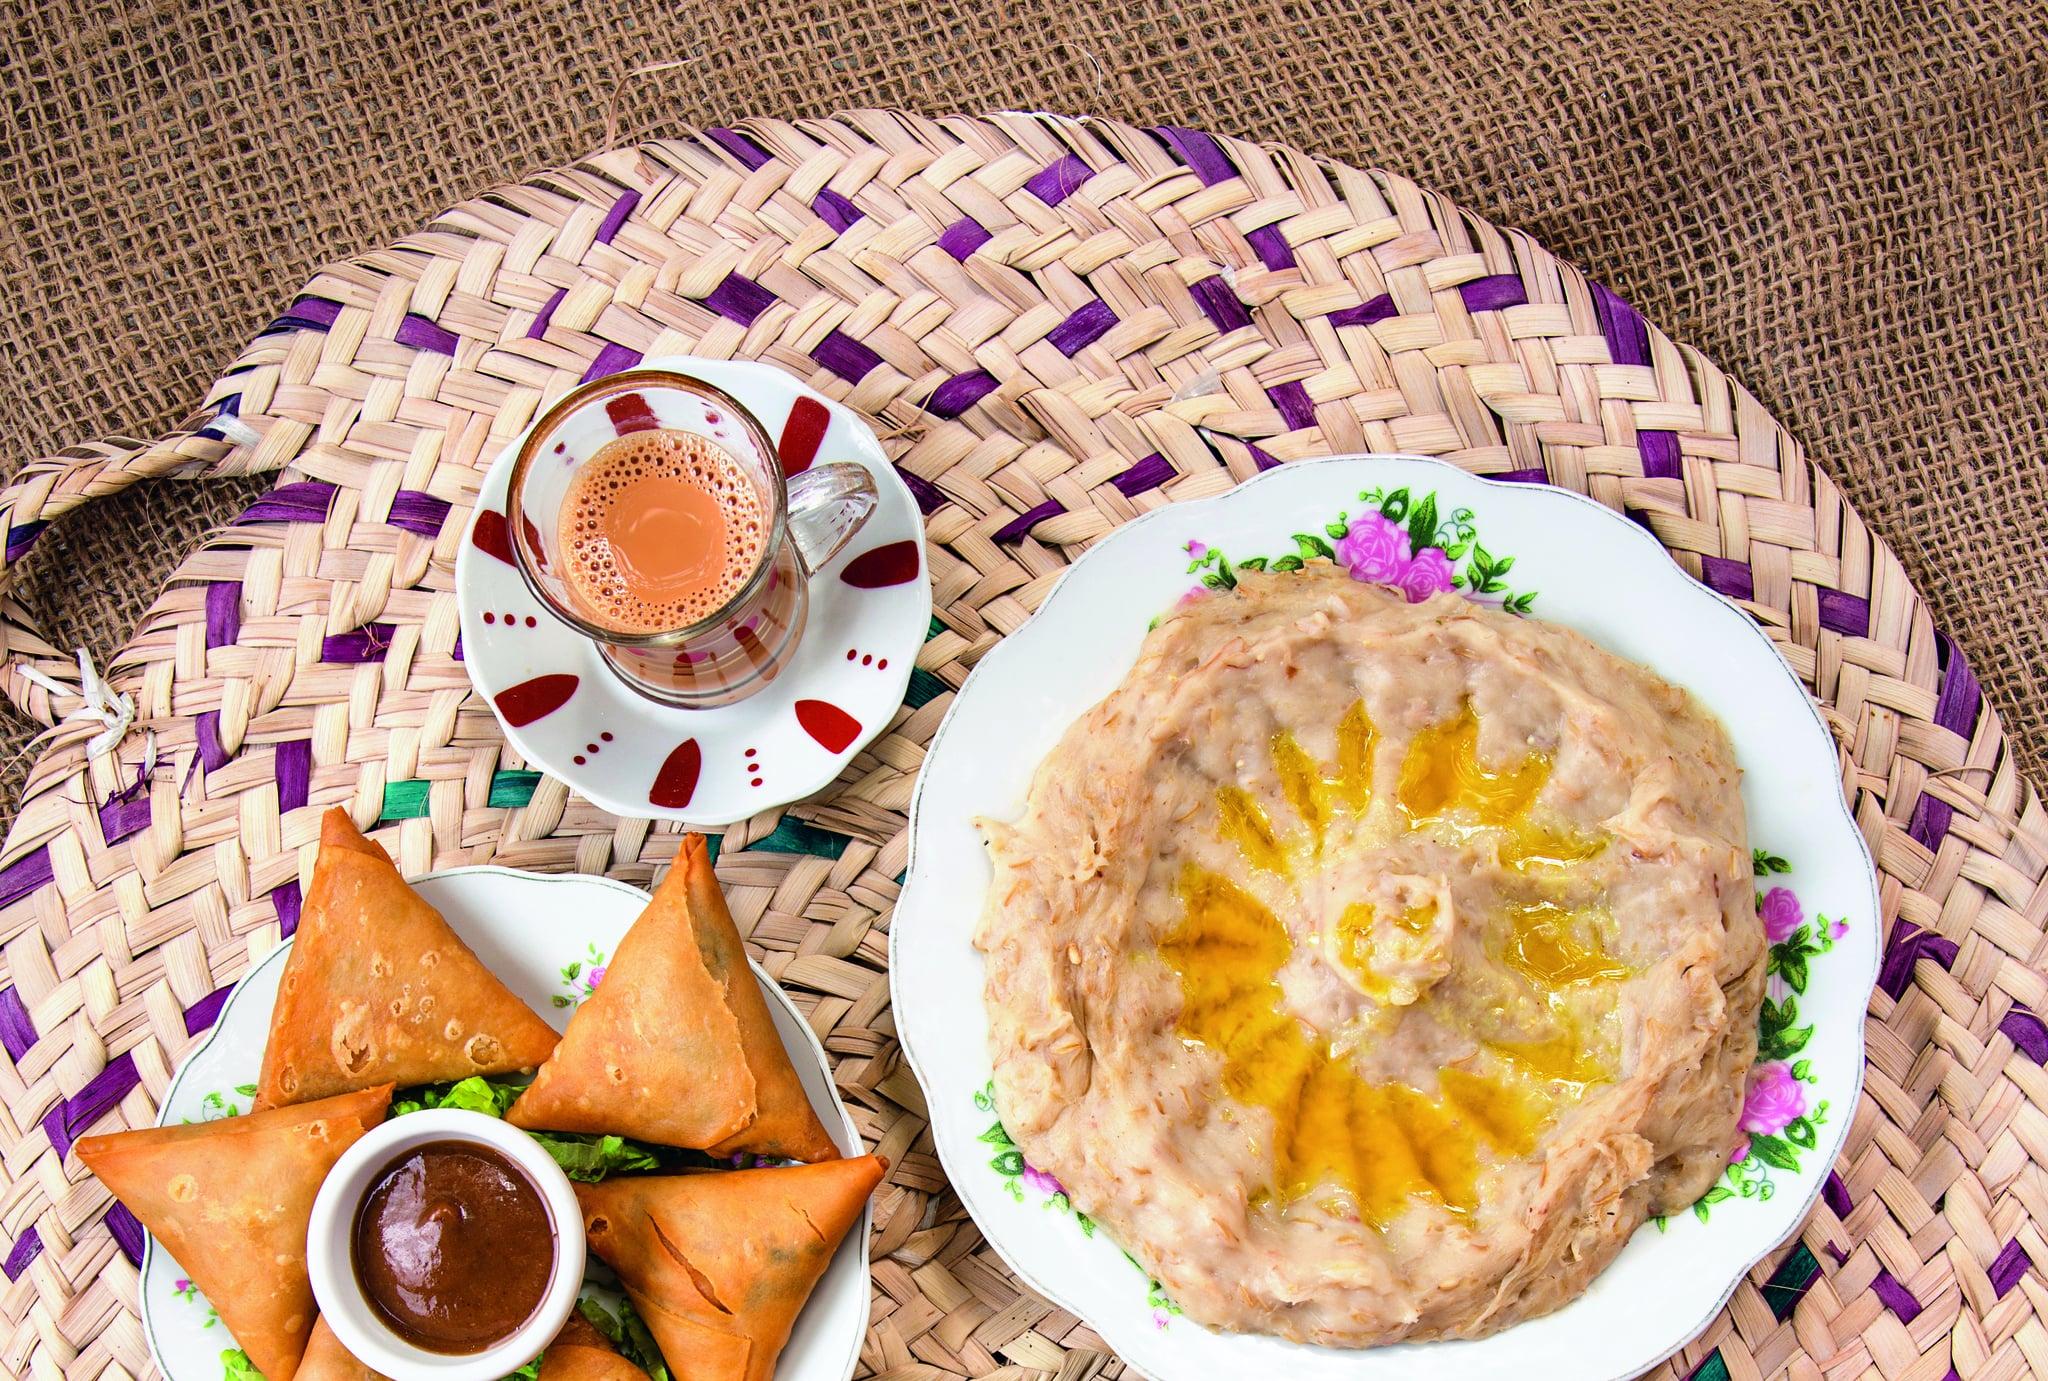 Qatari food